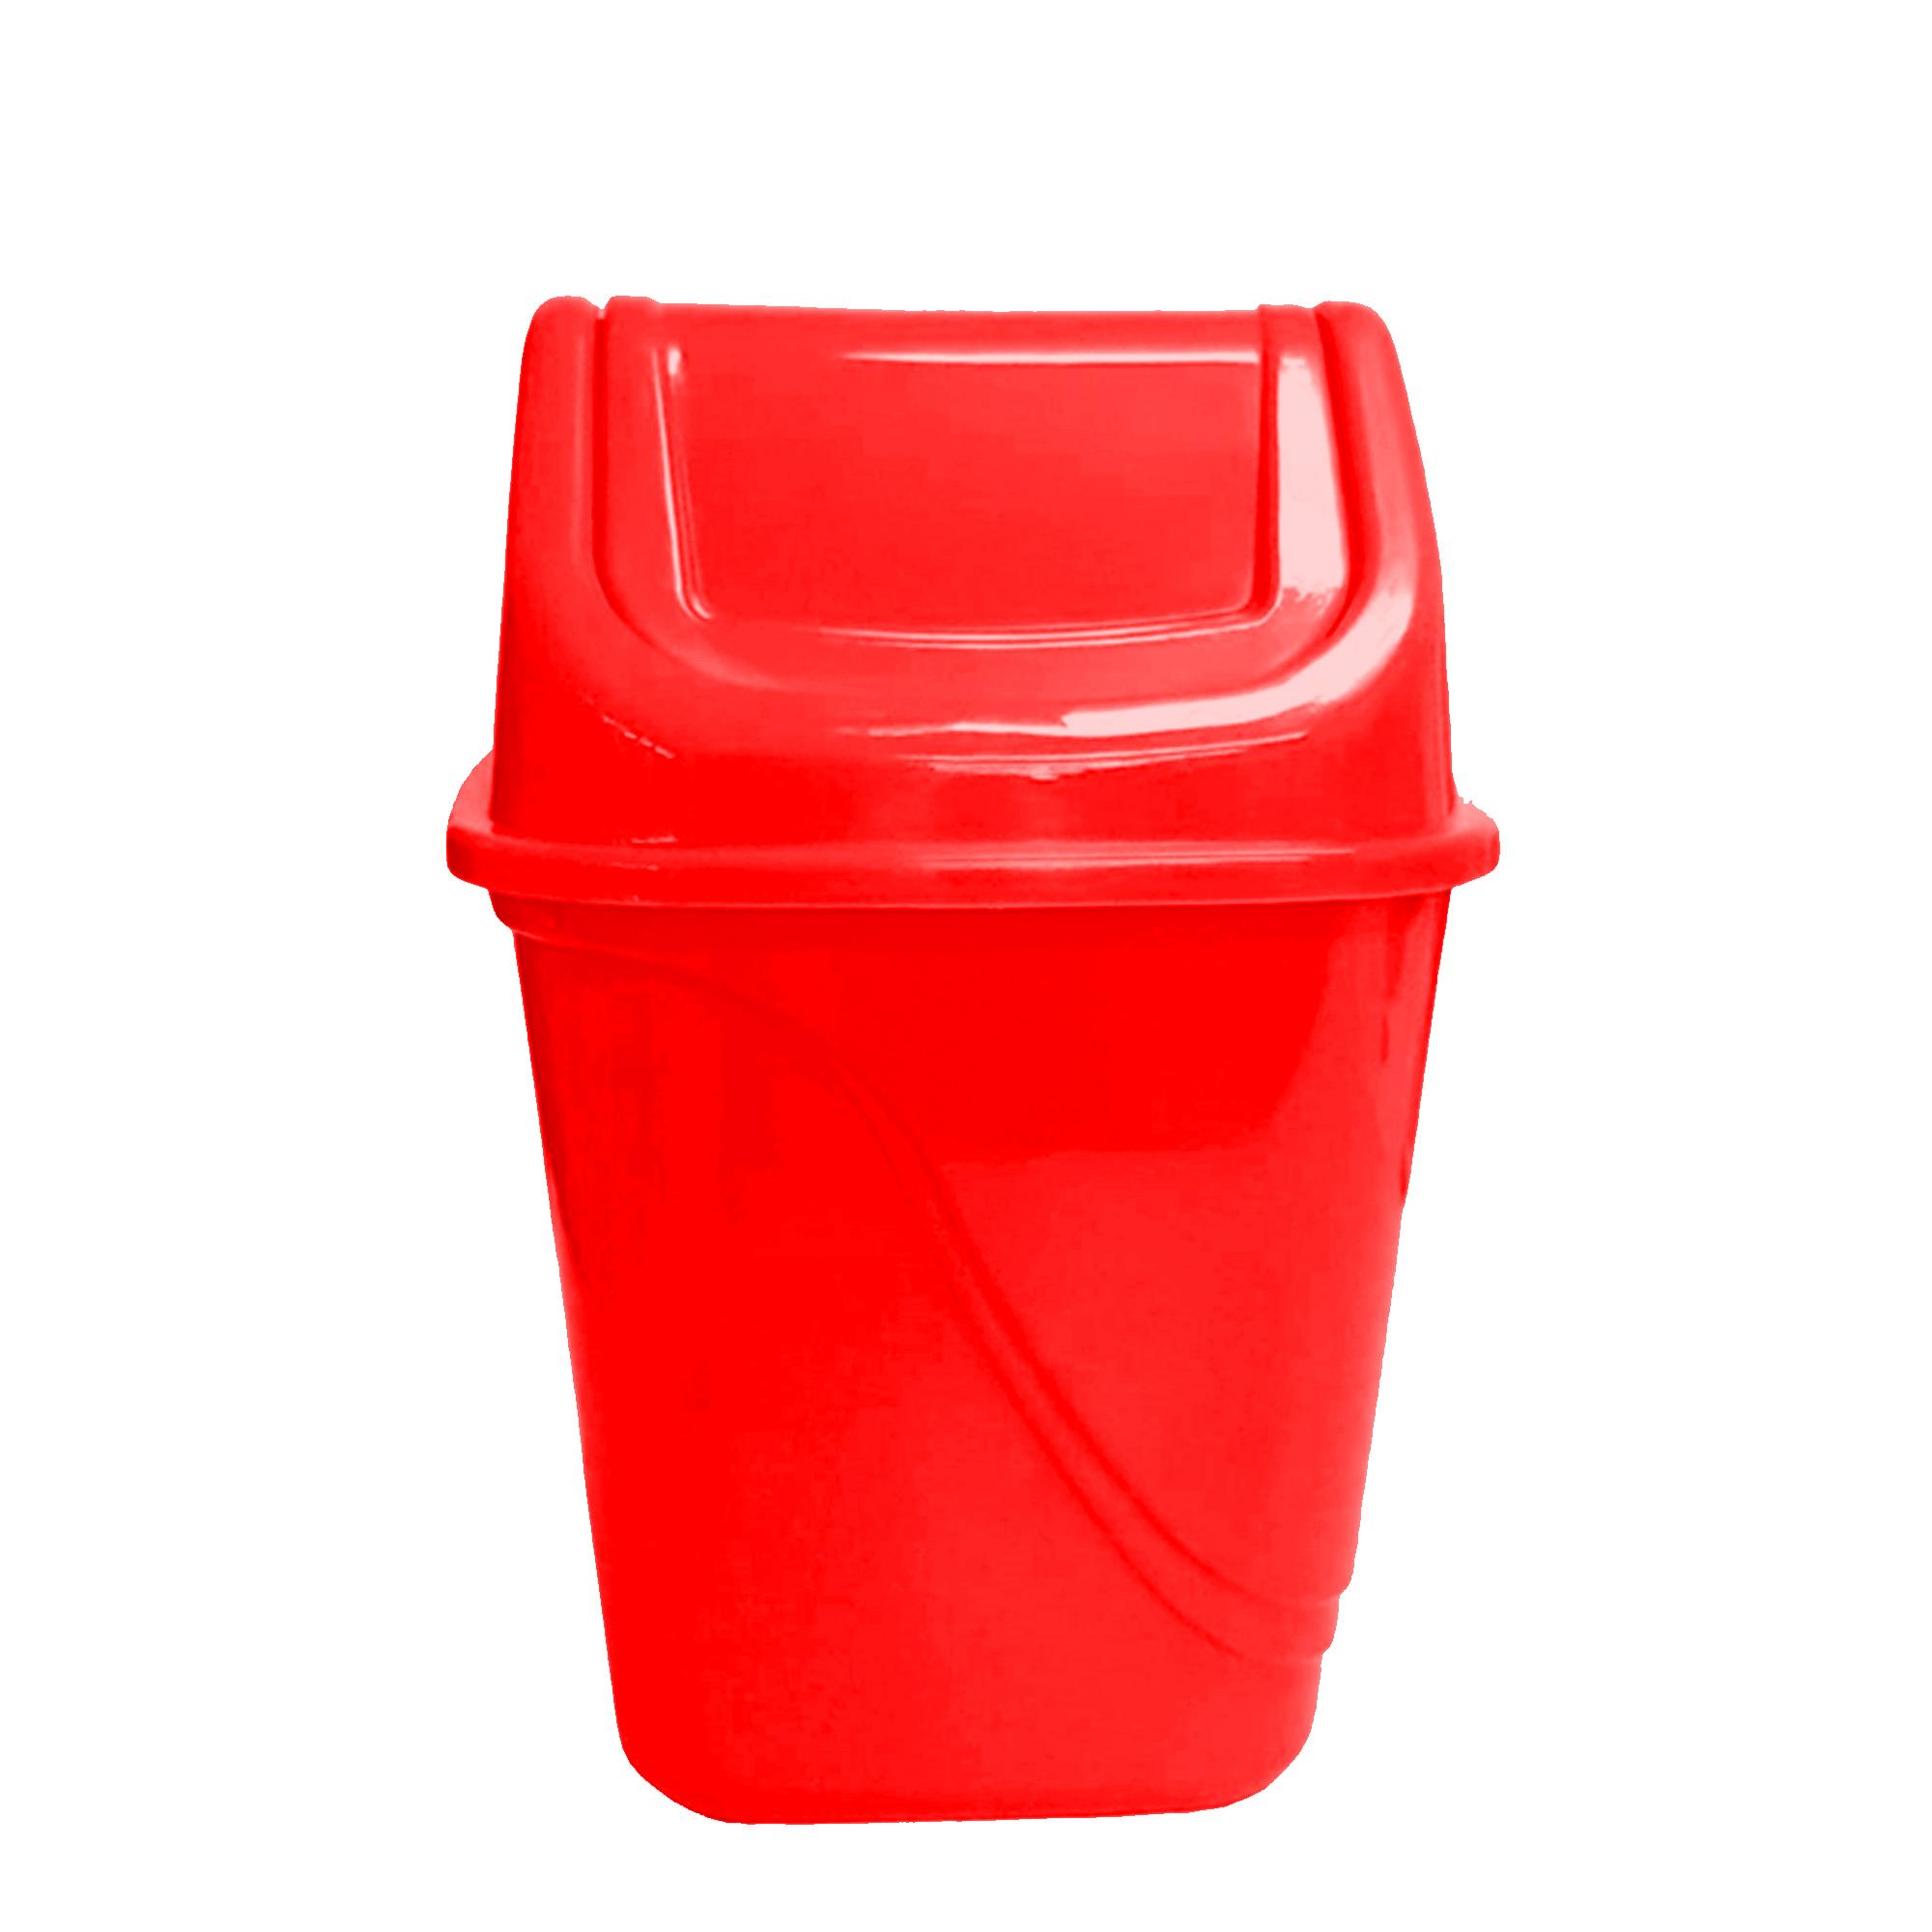 Lixeira Quadrada Basculante 3.2 L - Vermelho